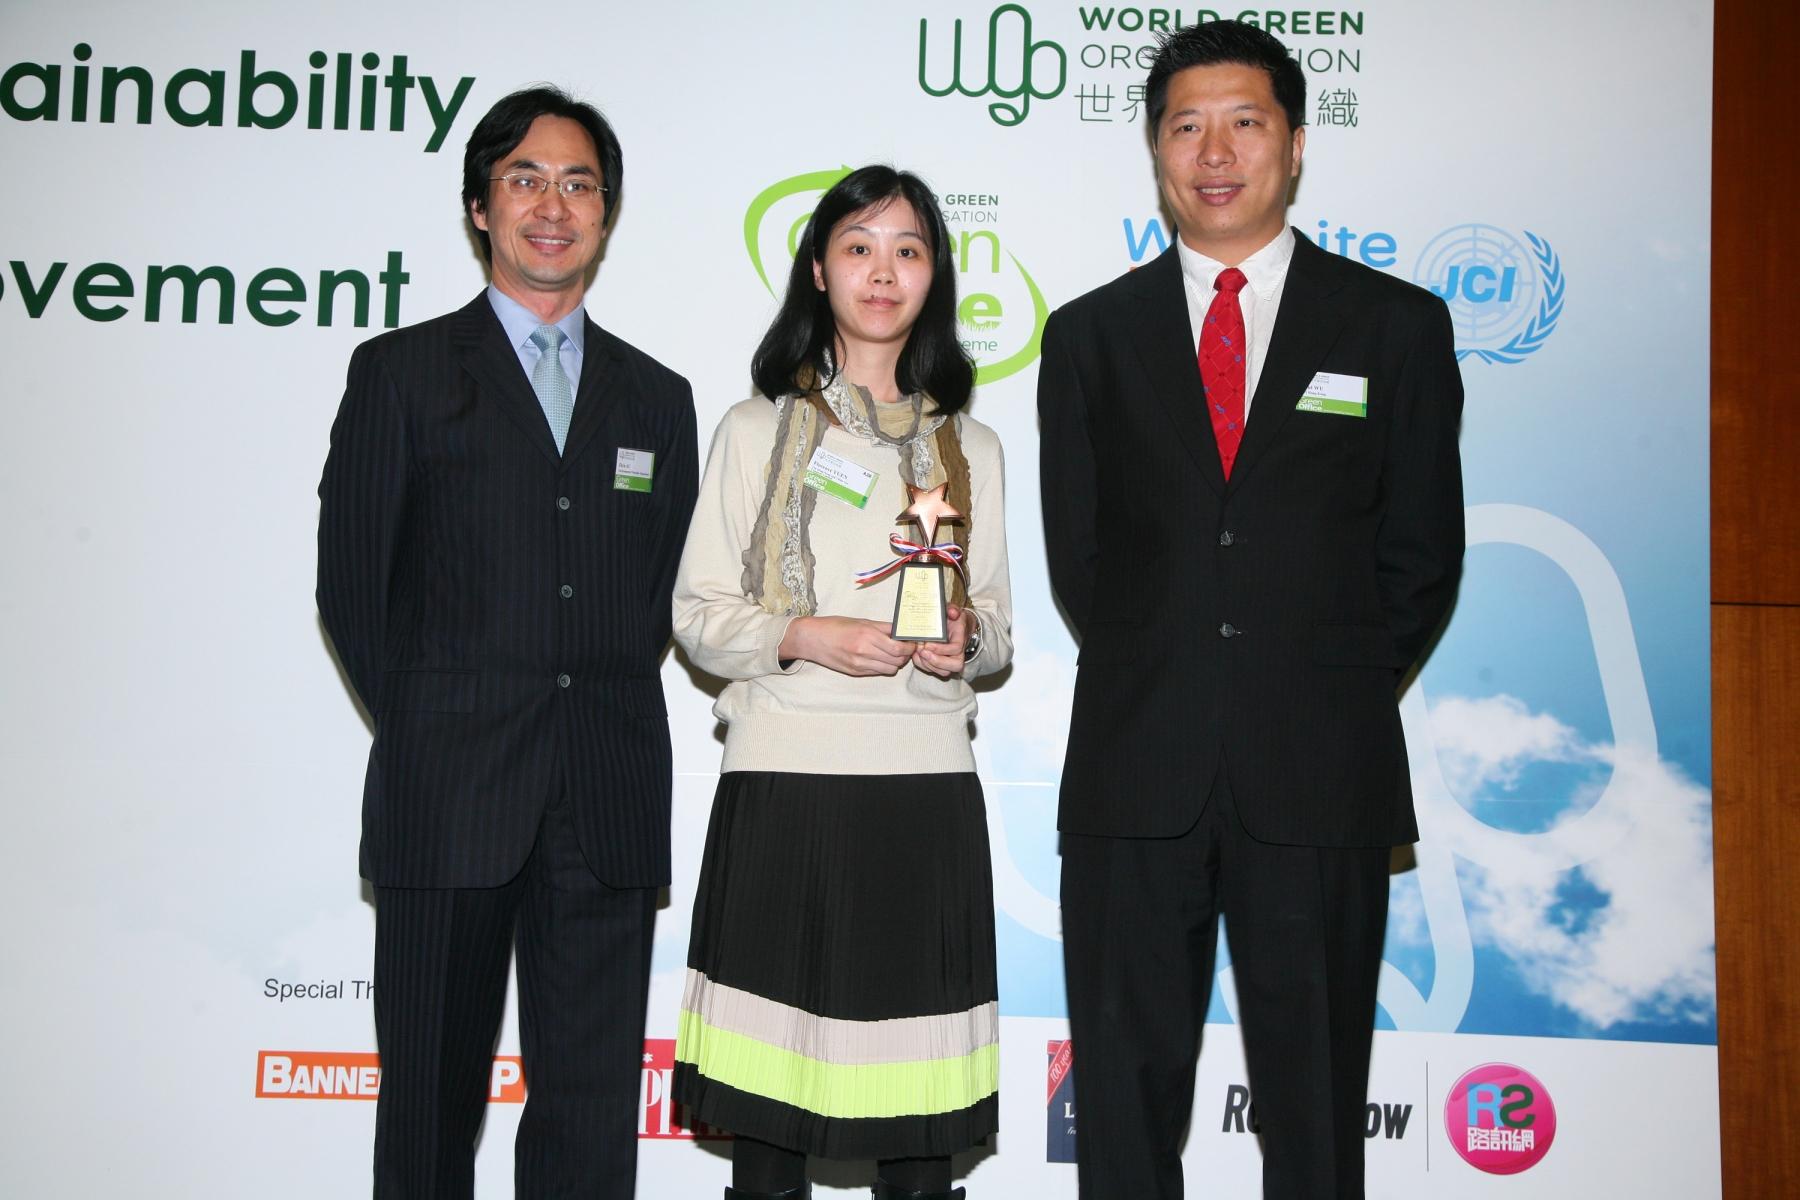 80-The-Hong-Kong-and-China-Gas-Company-Limited